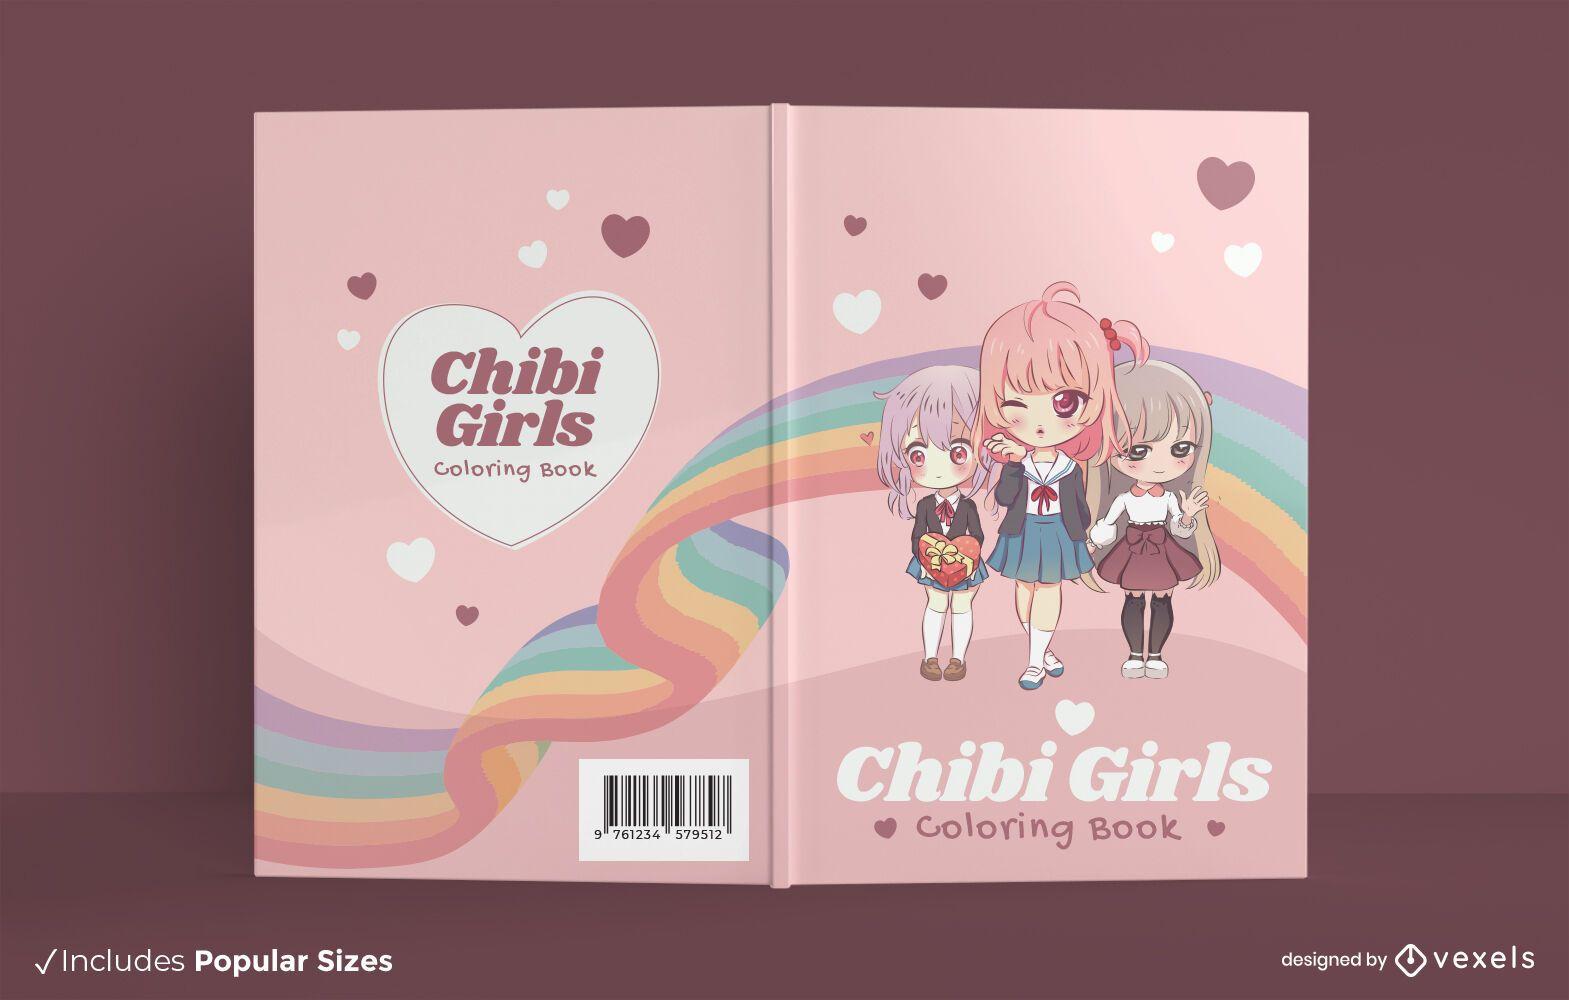 Desenho da capa do livro de colorir para meninas anime Chibi